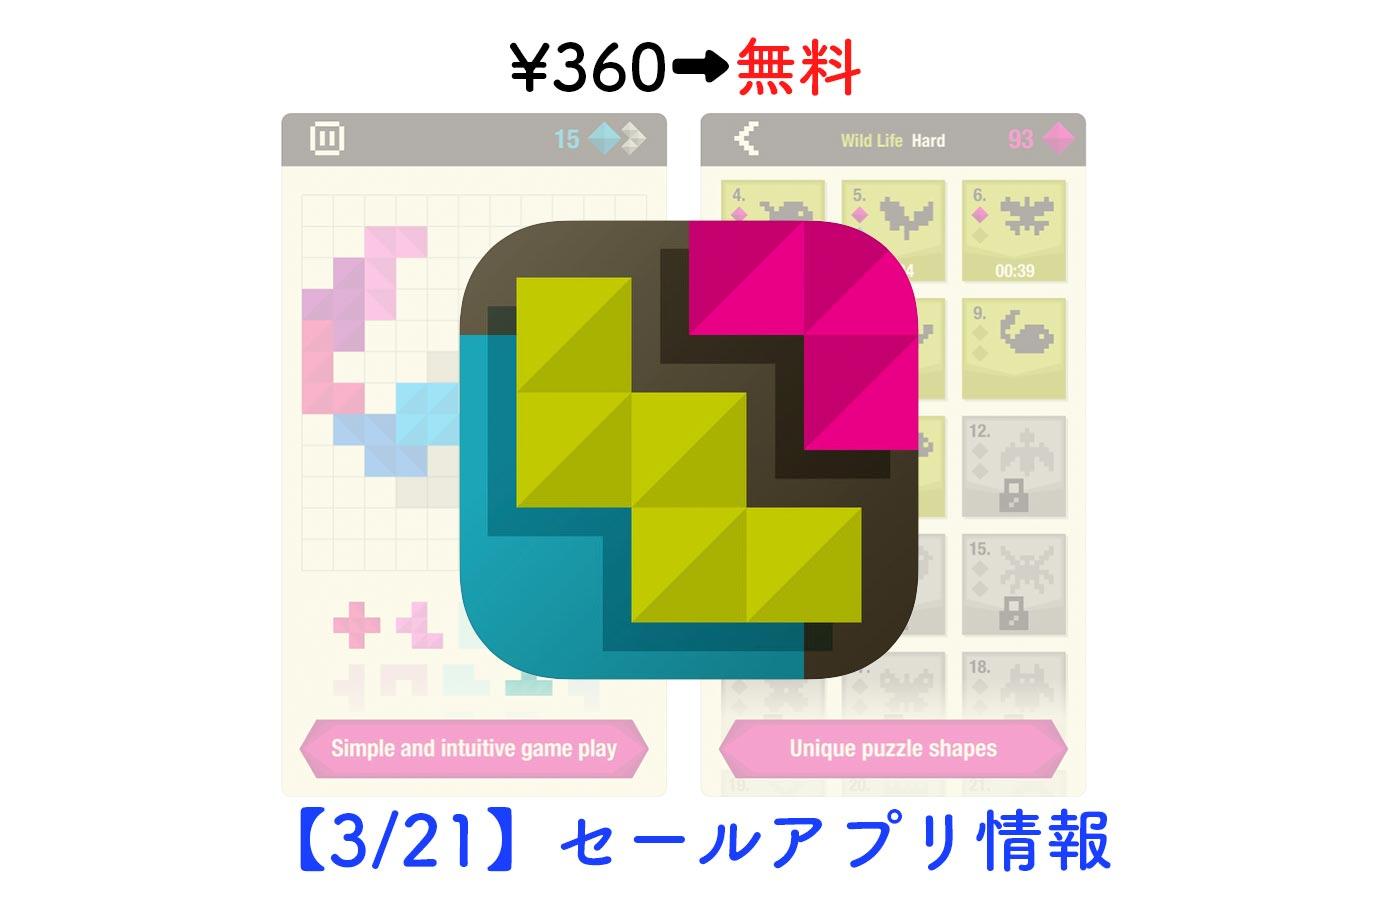 ¥360→無料、ブロックパズル「Formino」など【3/21】セールアプリ情報